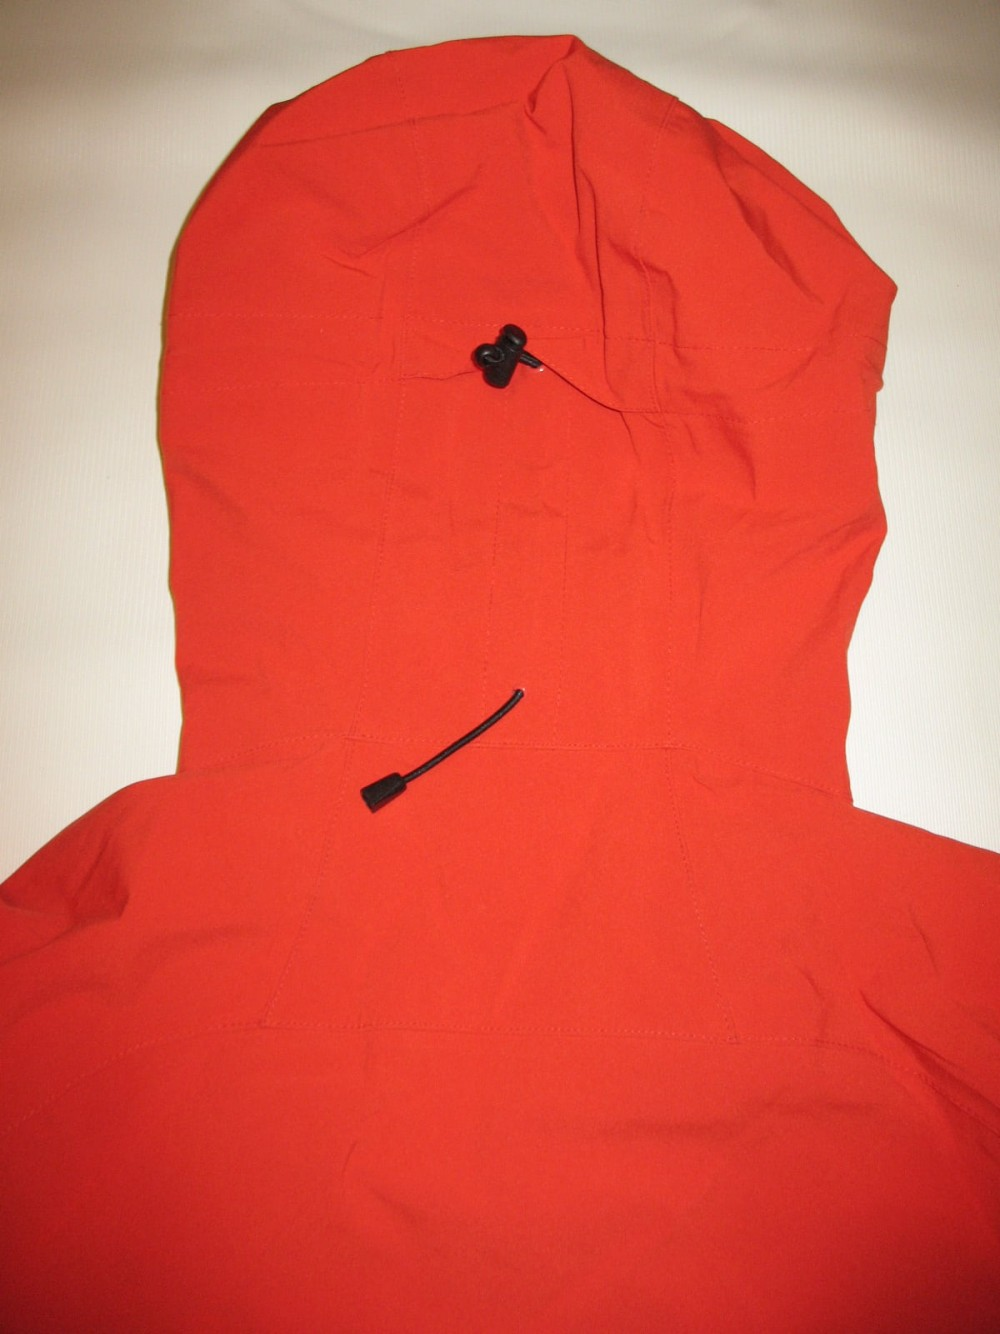 Куртка HUMMEL classic bee 3 layer jacket lady (размер S) - 8